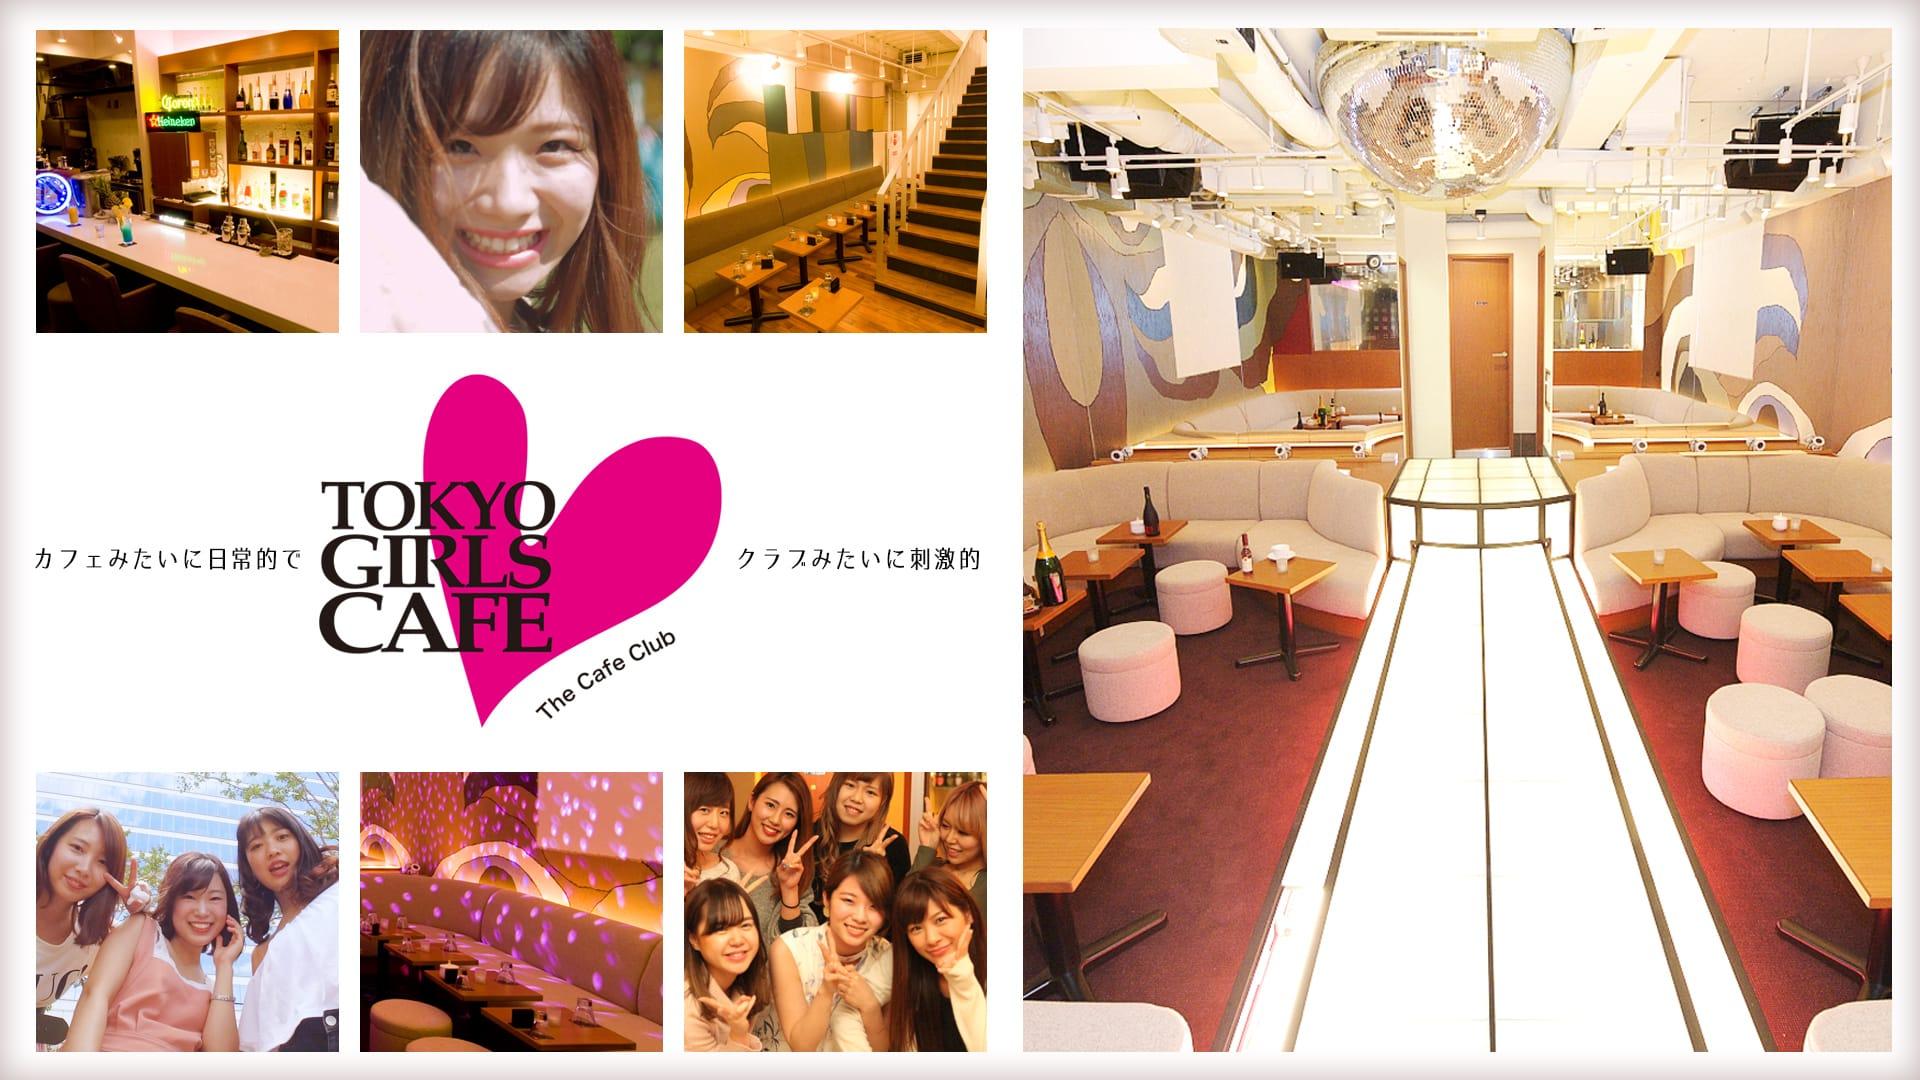 TOKYO GIRLS CAFE 神田店<トウキョウガールズカフェ> 神田 ガールズバー TOP画像